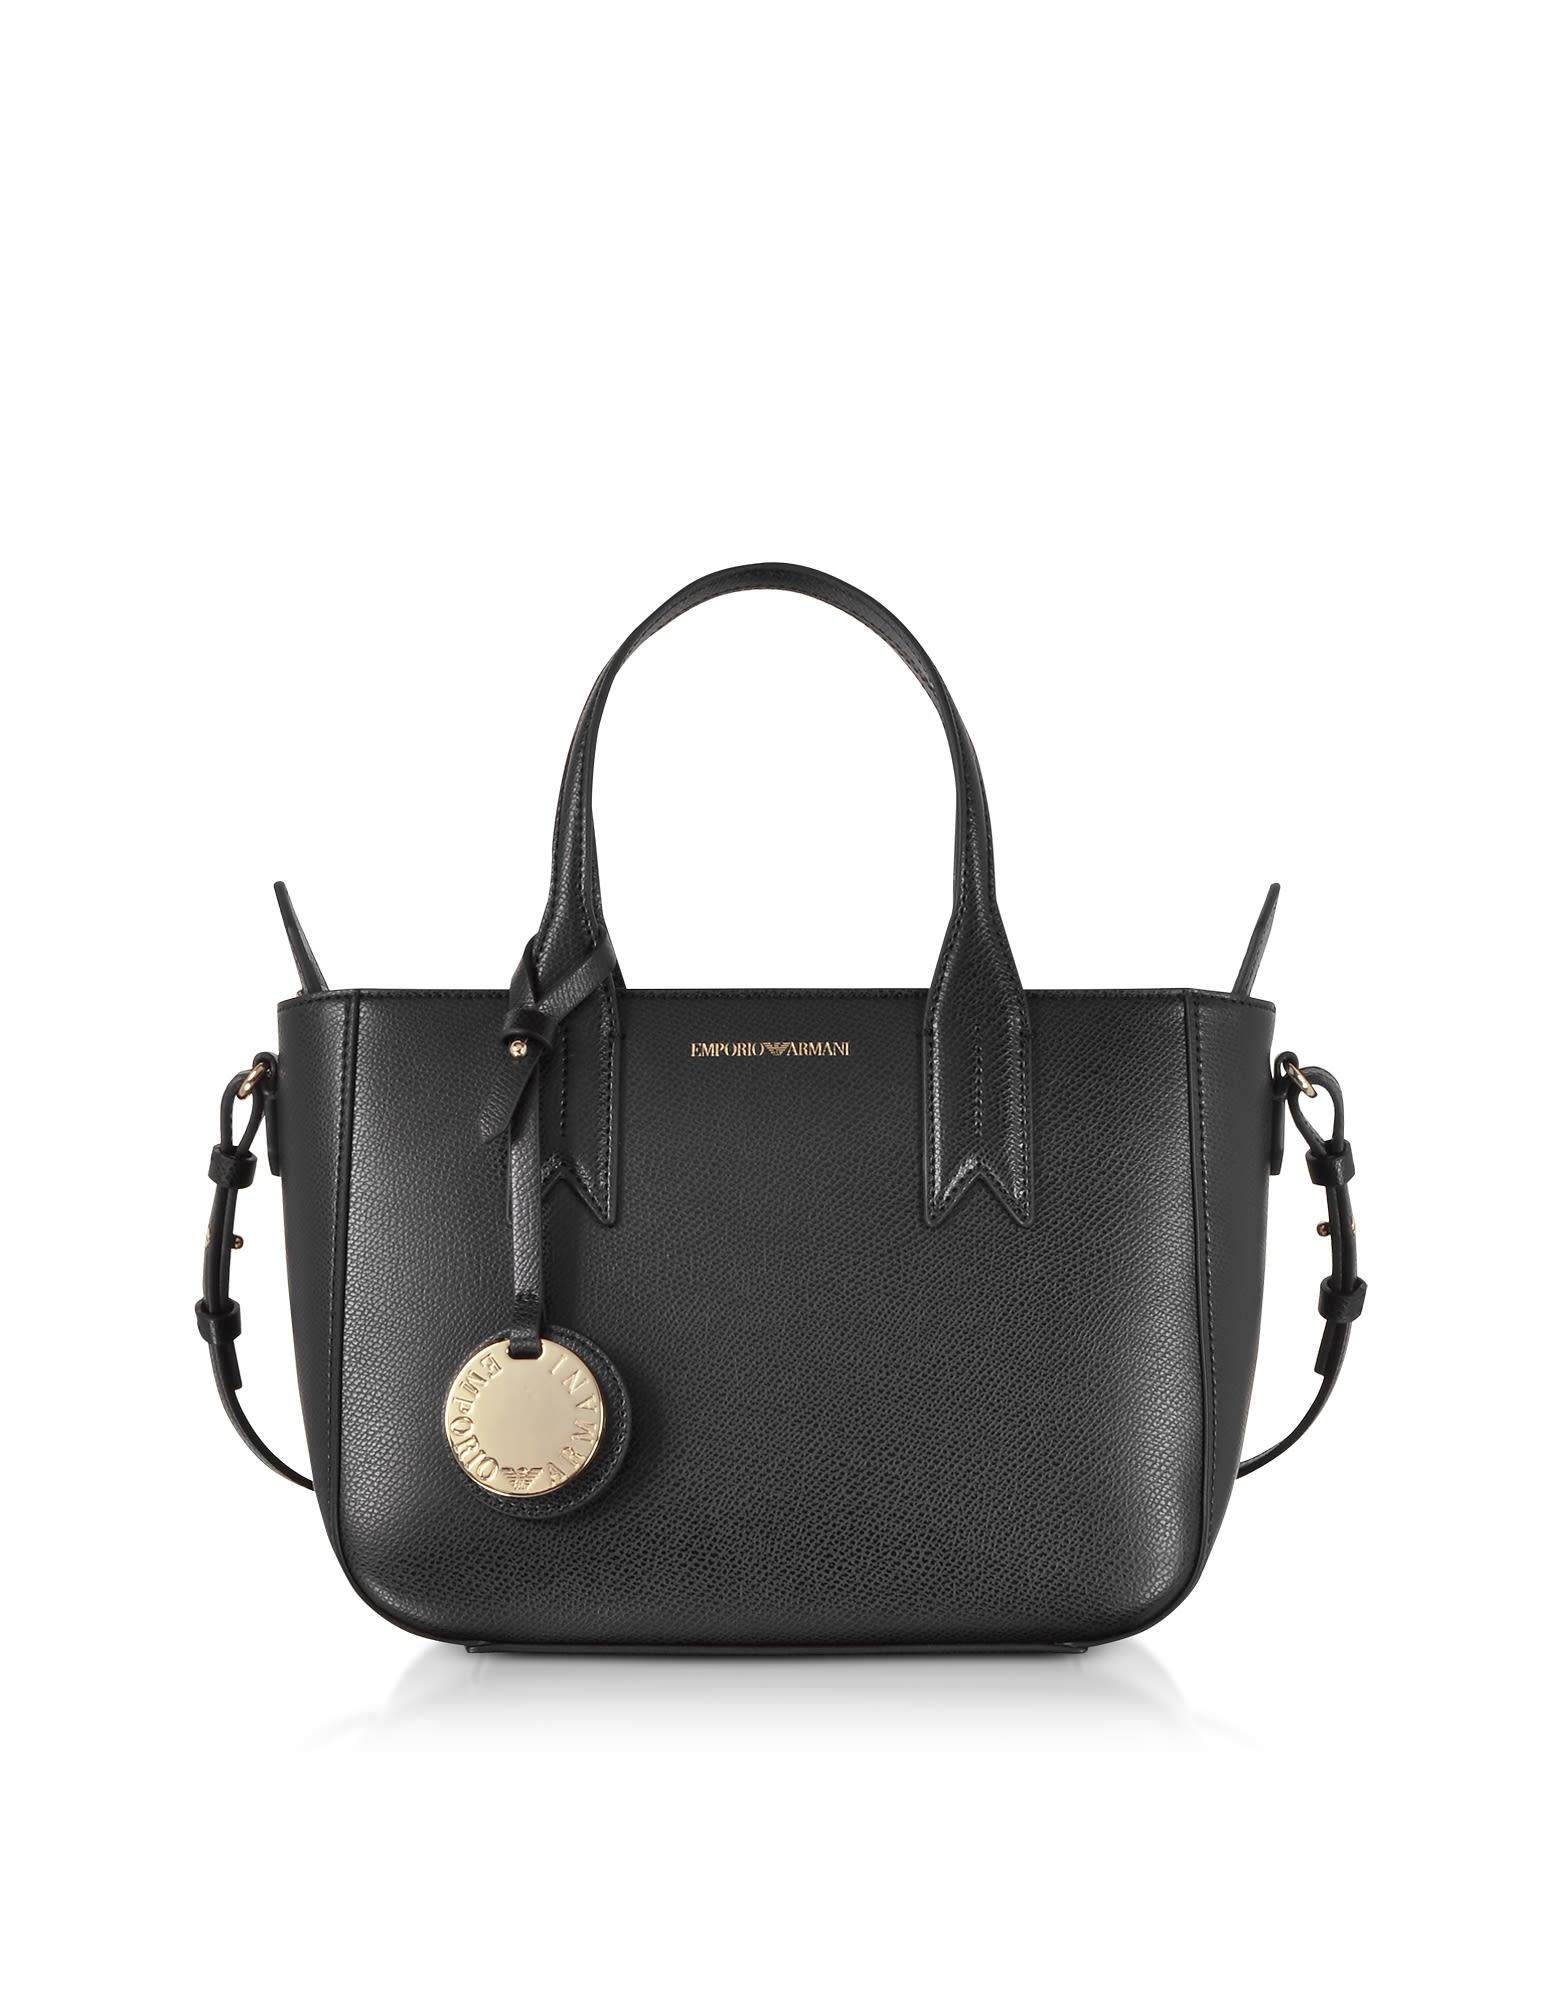 afd0c77ac8 Emporio Armani Emporio Armani Small Eco Leather Tote Bag - Black ...